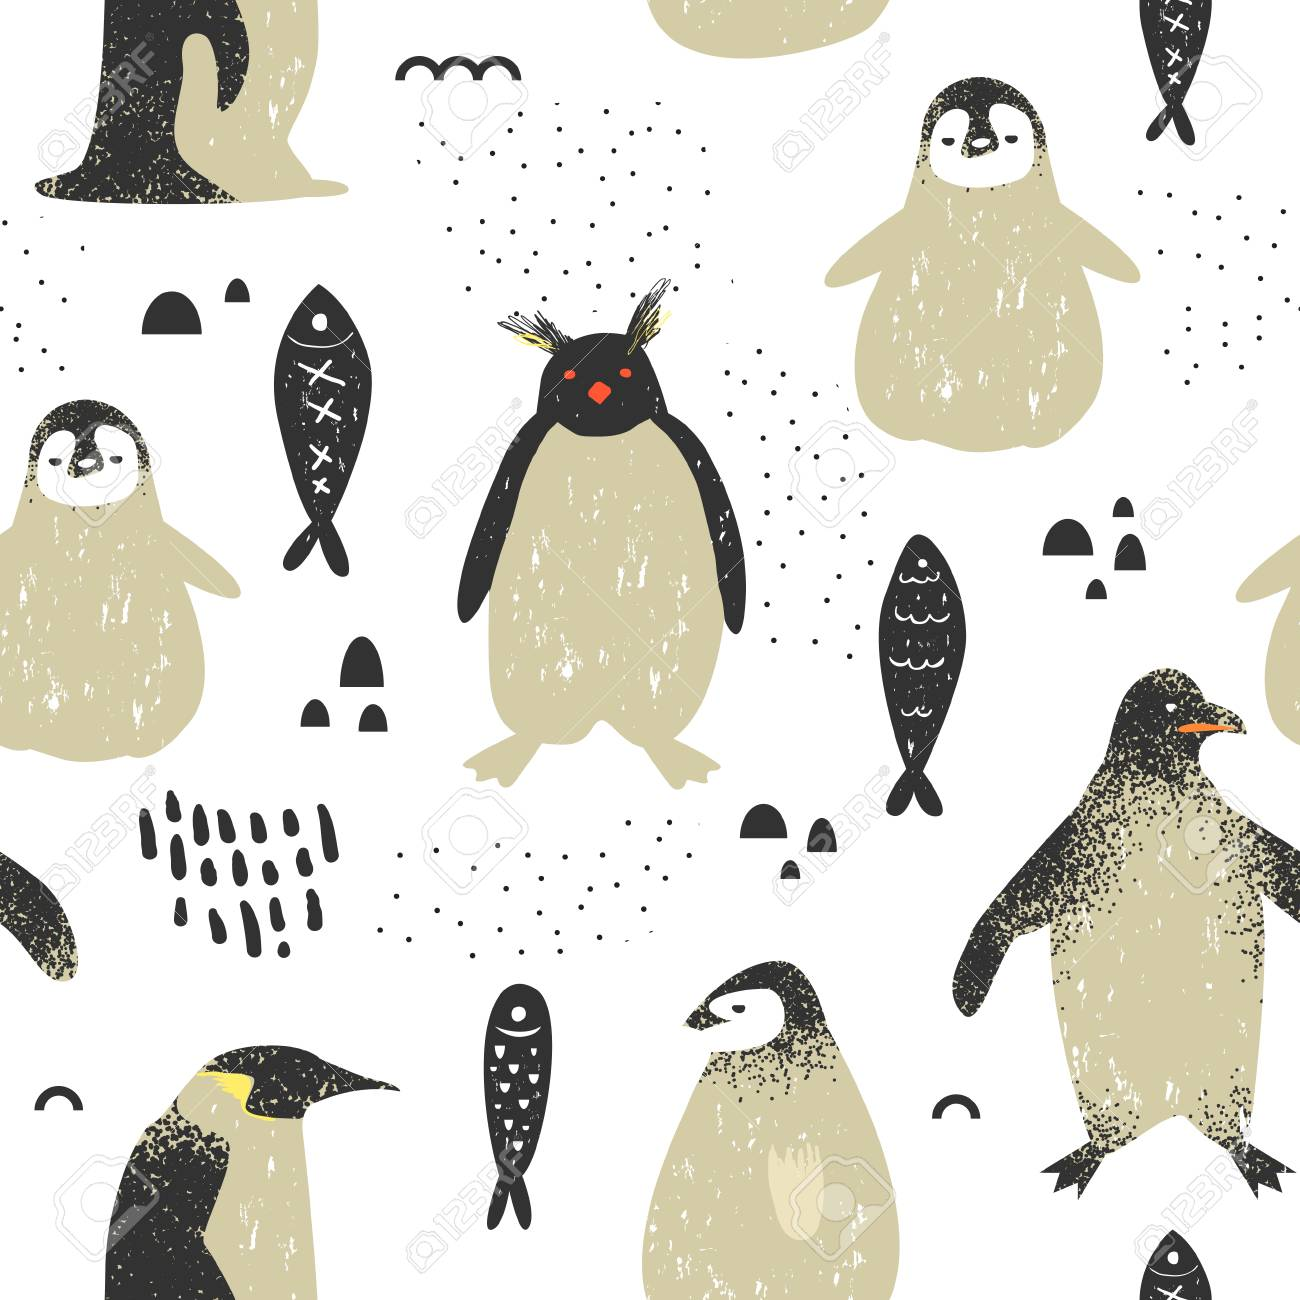 かわいいペンギンとベビーシャワーシームレスパターン ファブリック